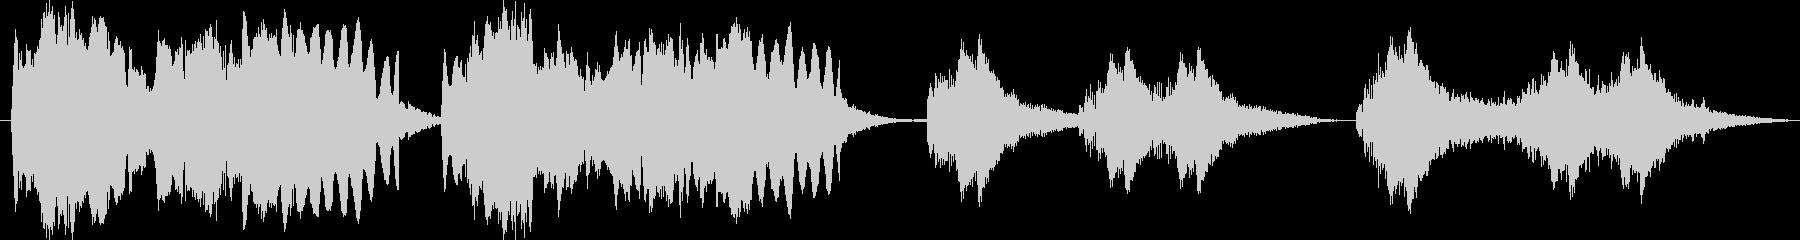 フルート、ハープ、ウィンドチャイム...の未再生の波形